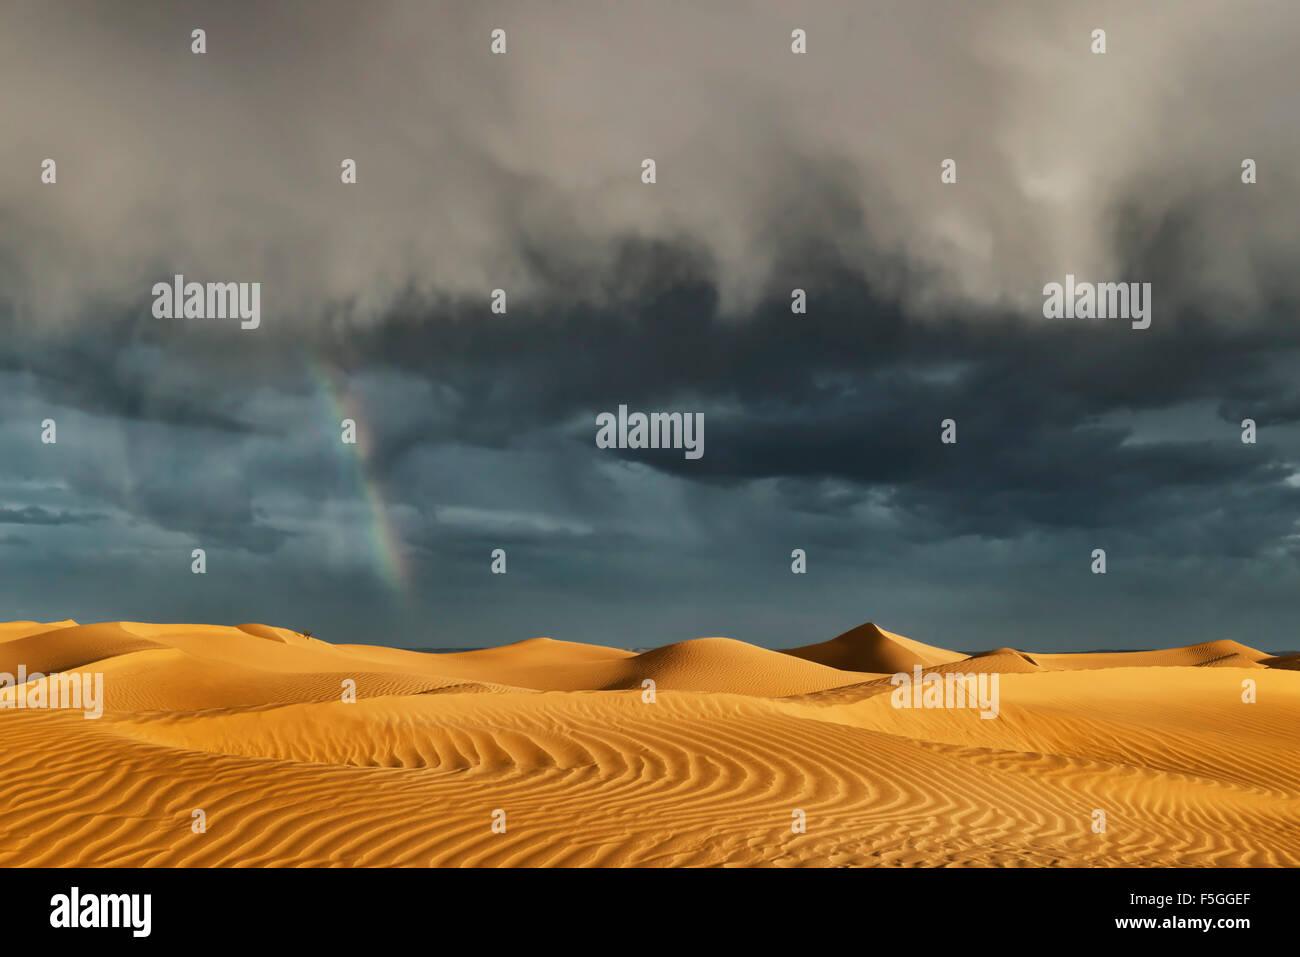 Les dunes de sable du Sahara avec orageux, ciel nuageux et arc-en-ciel. Photo Stock